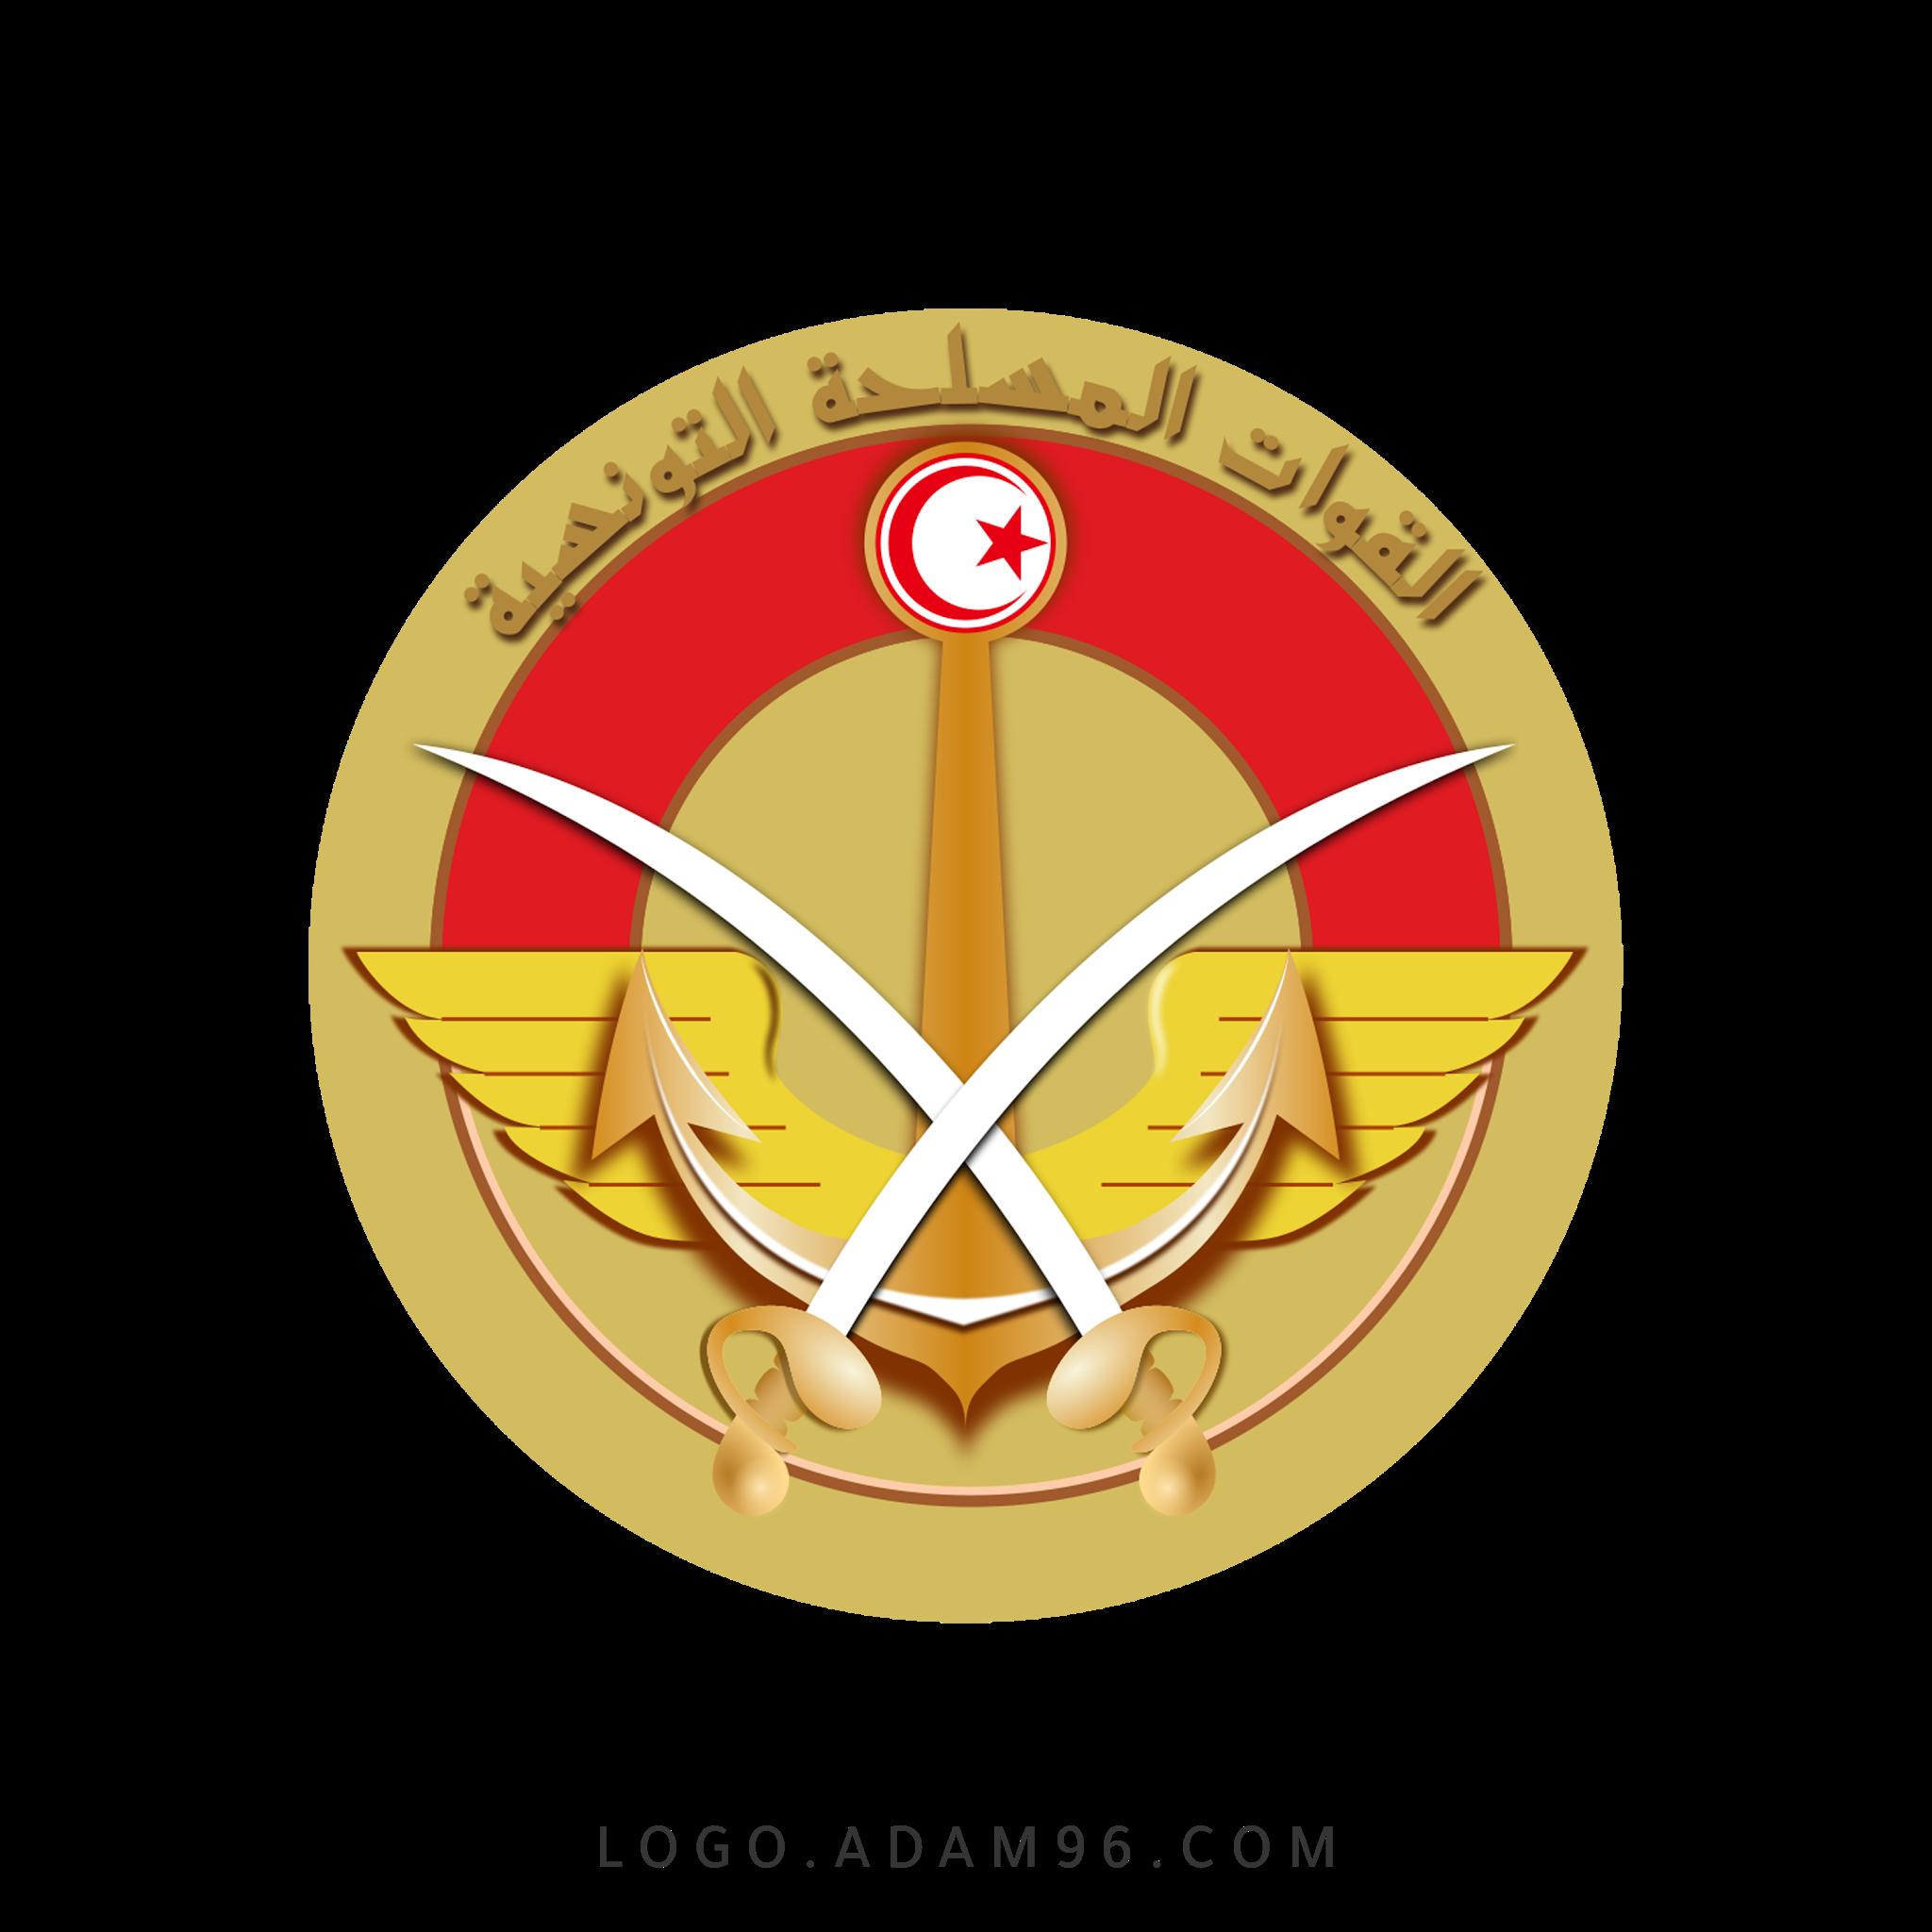 تحميل شعار القوات المسلحة التونسية لوجو رسمي عالي الجودة PNG